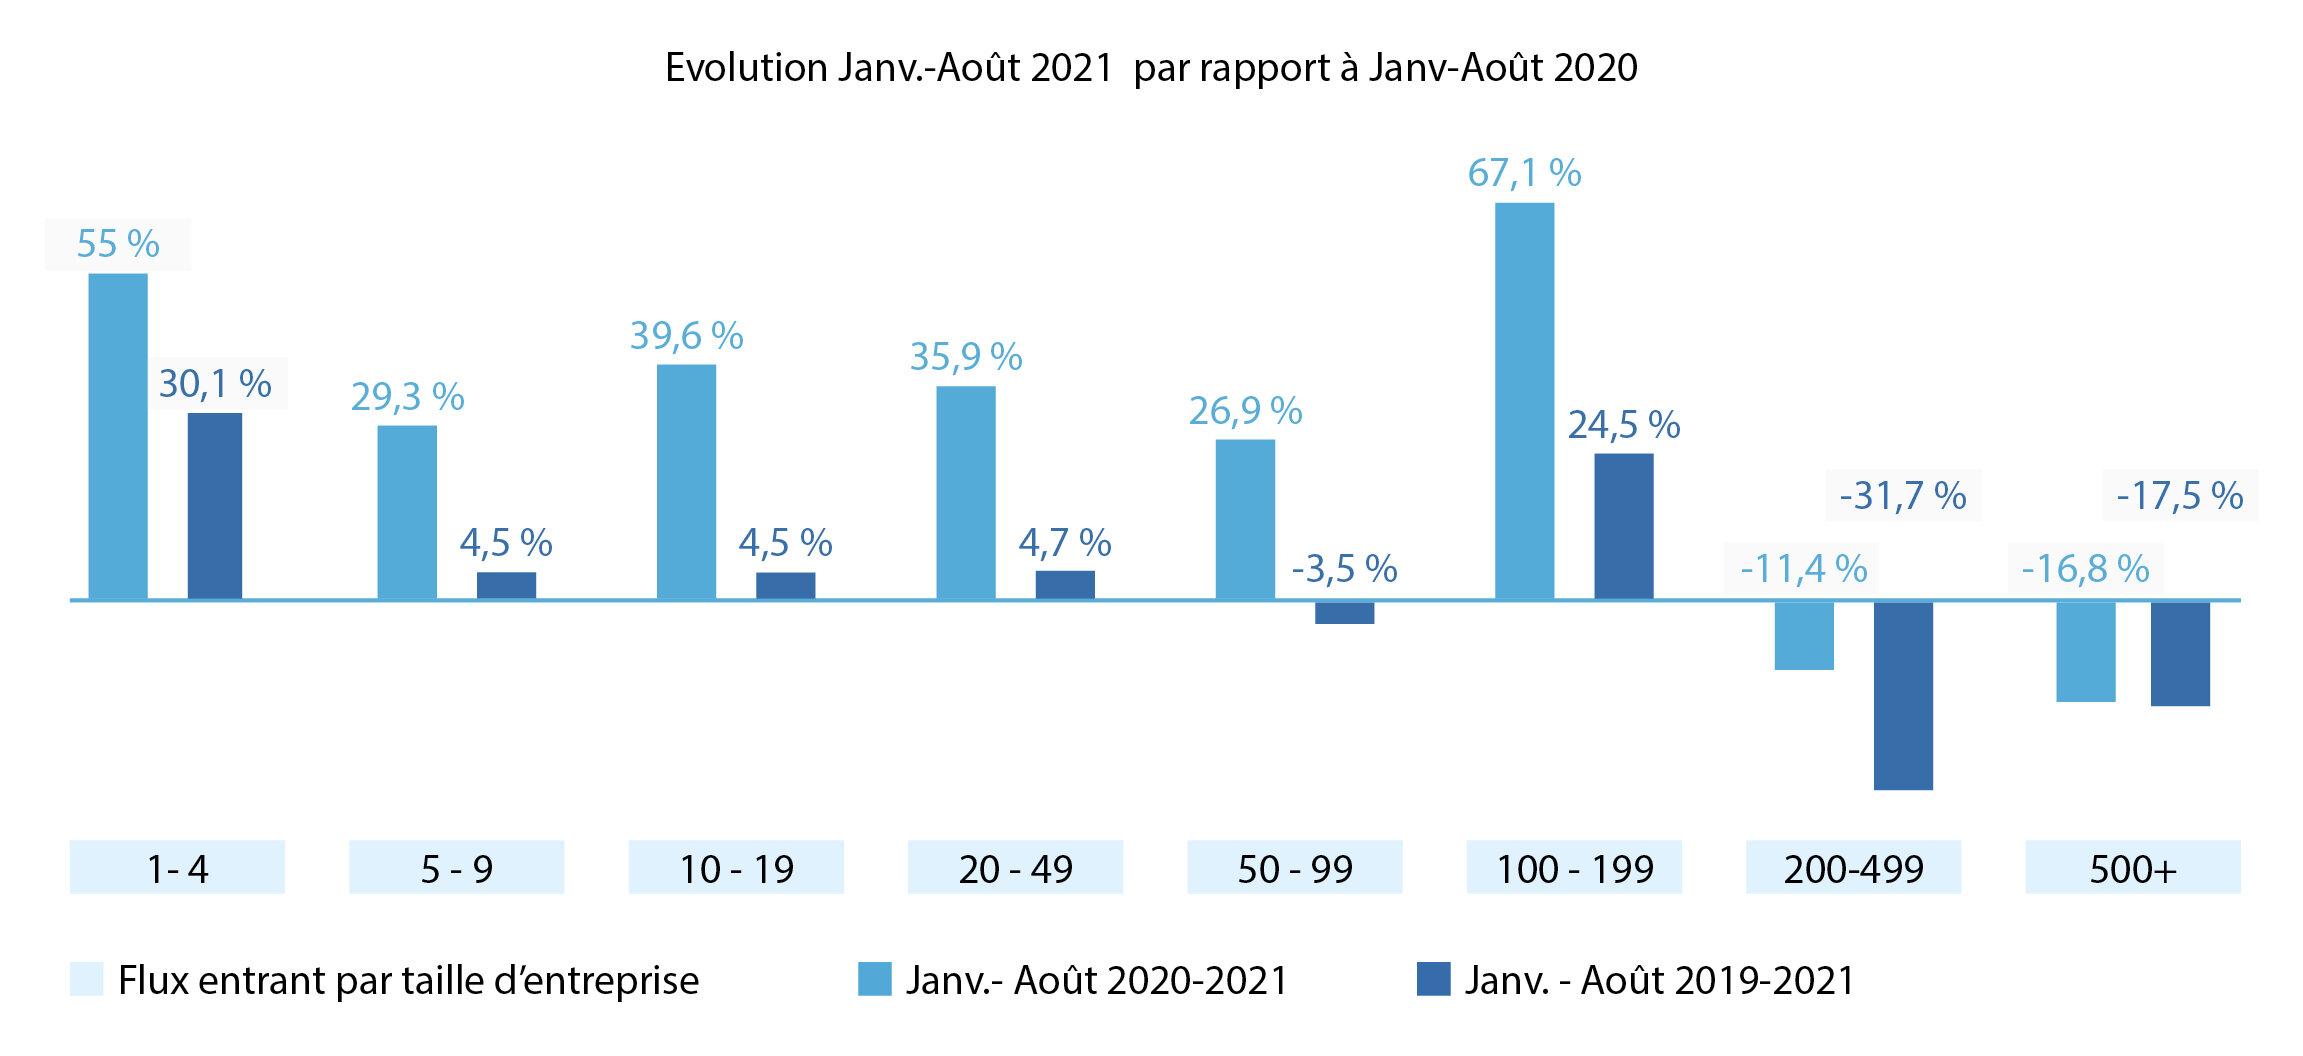 Évolution des contrats à durée indéterminée par taille d'entreprise, par rapport à 2020 et 2019